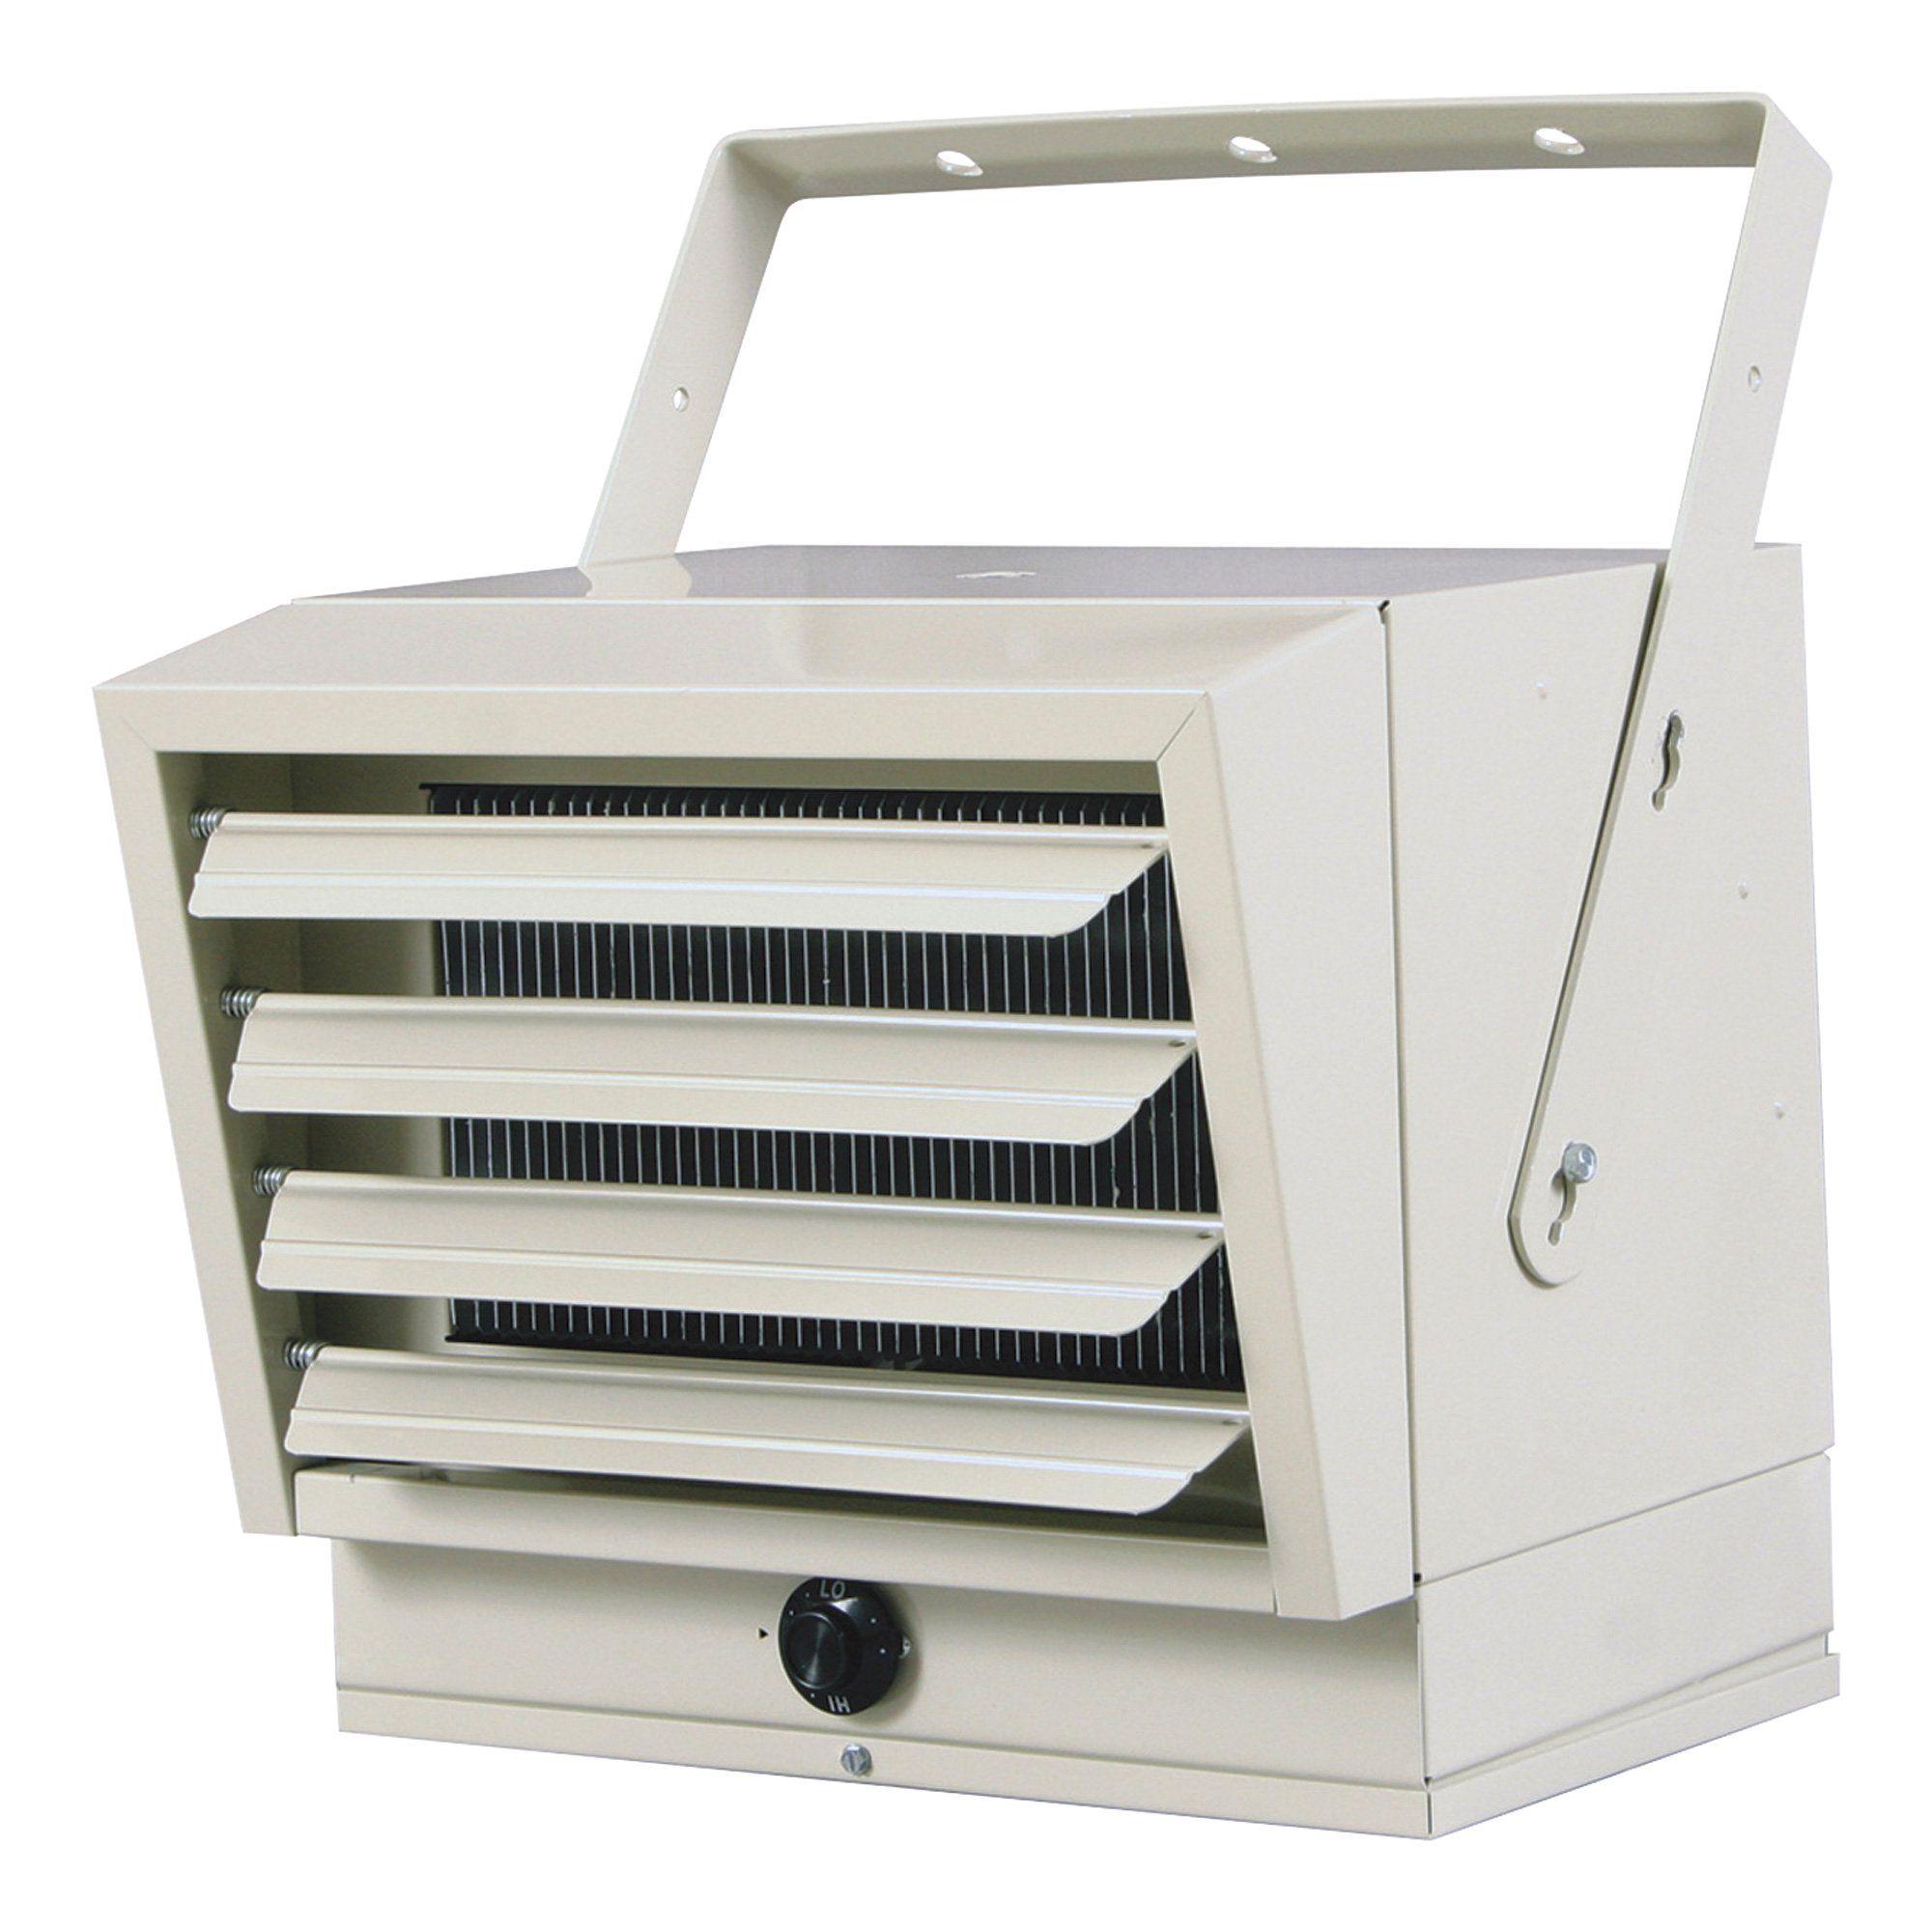 Fahrenheat CeilingMount 5,000 Watt Electric Heater 17,065